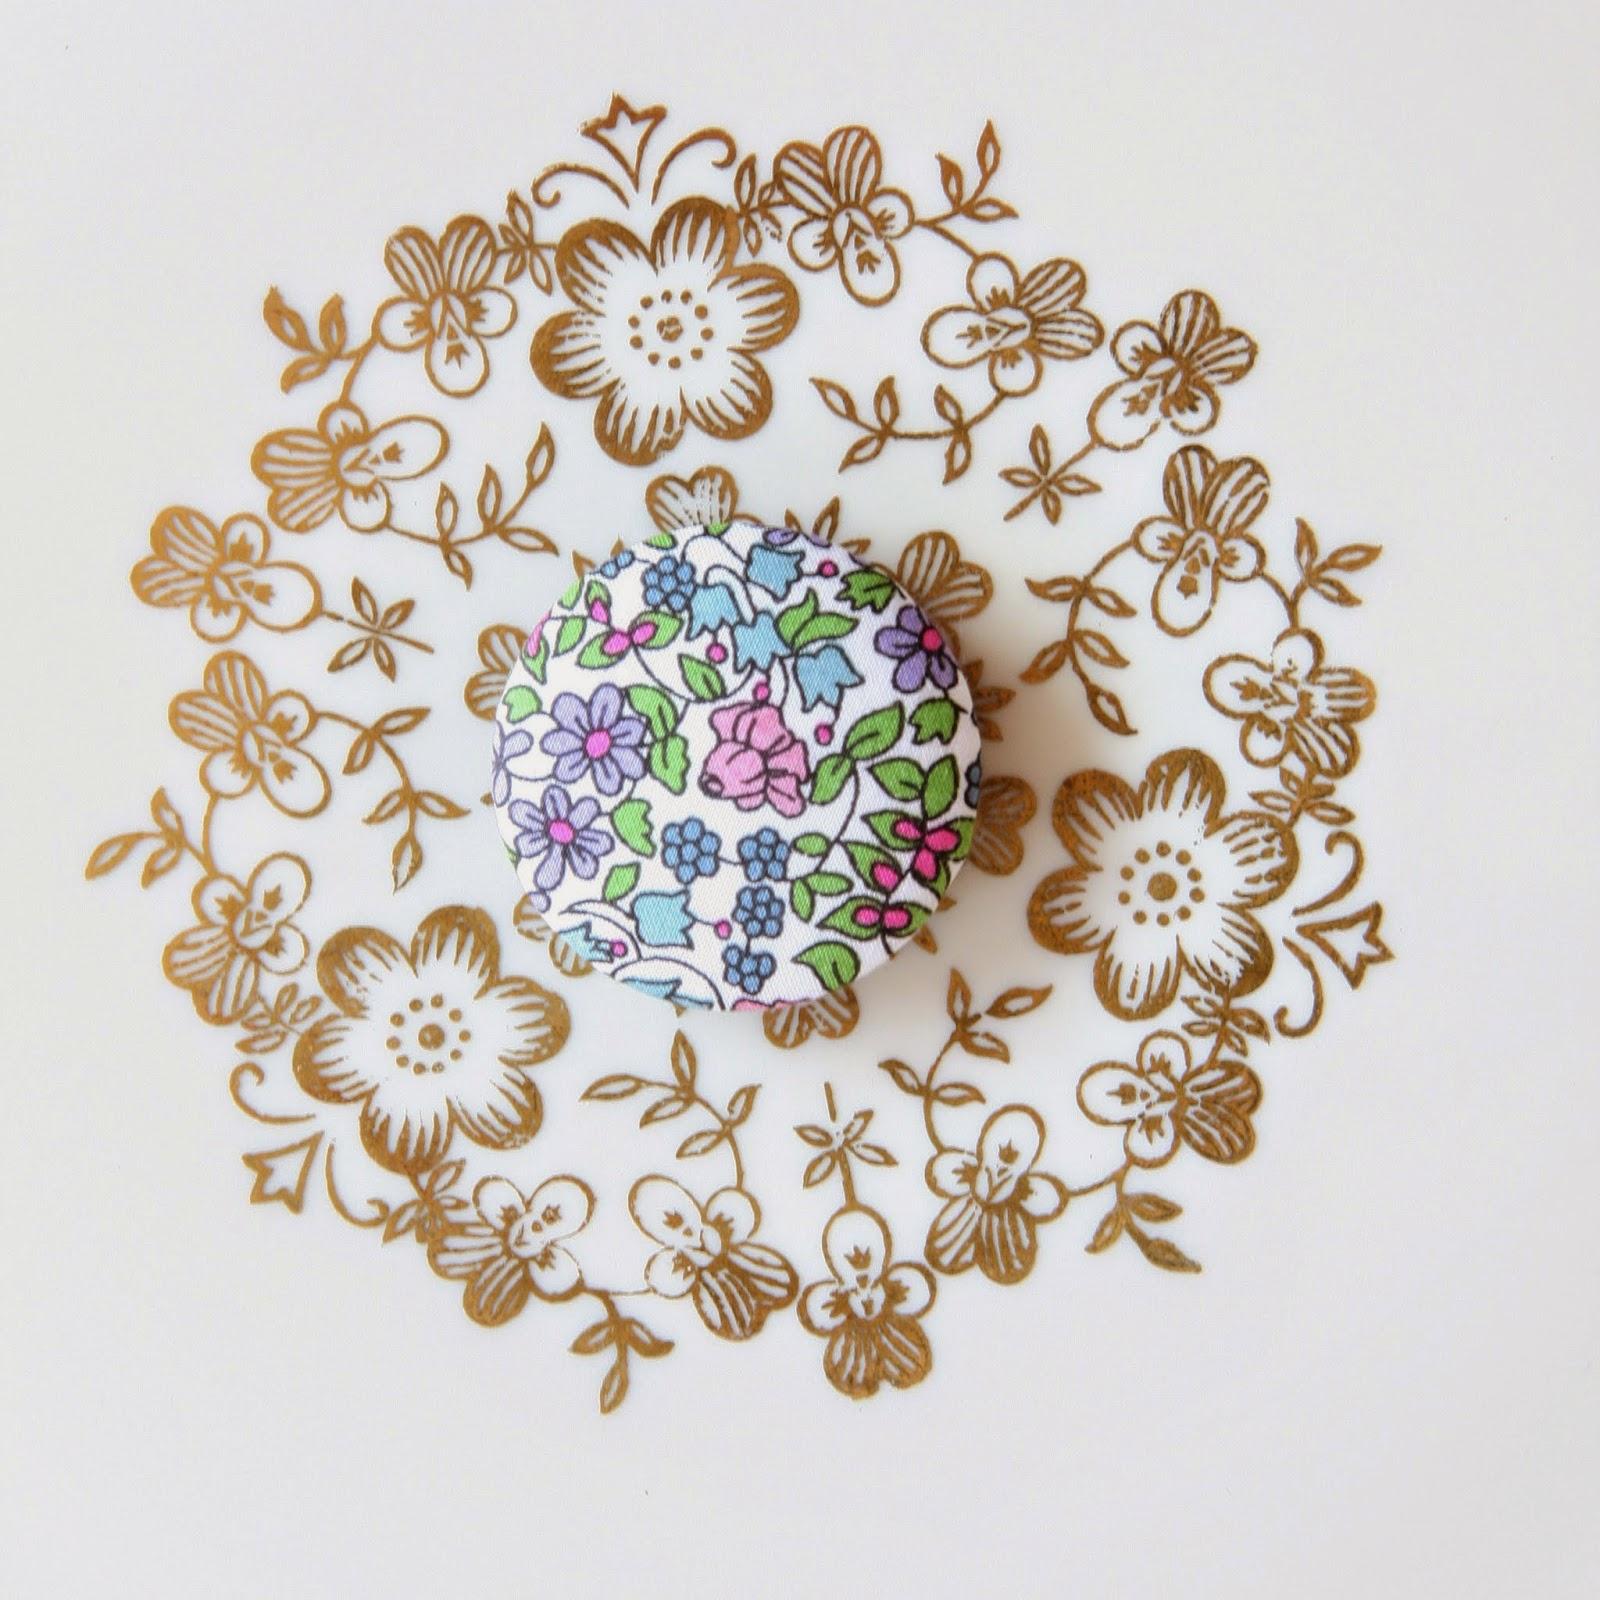 Liberty astor stofknapper - Emilias Flowers - 32mm - Fine pastelfarver